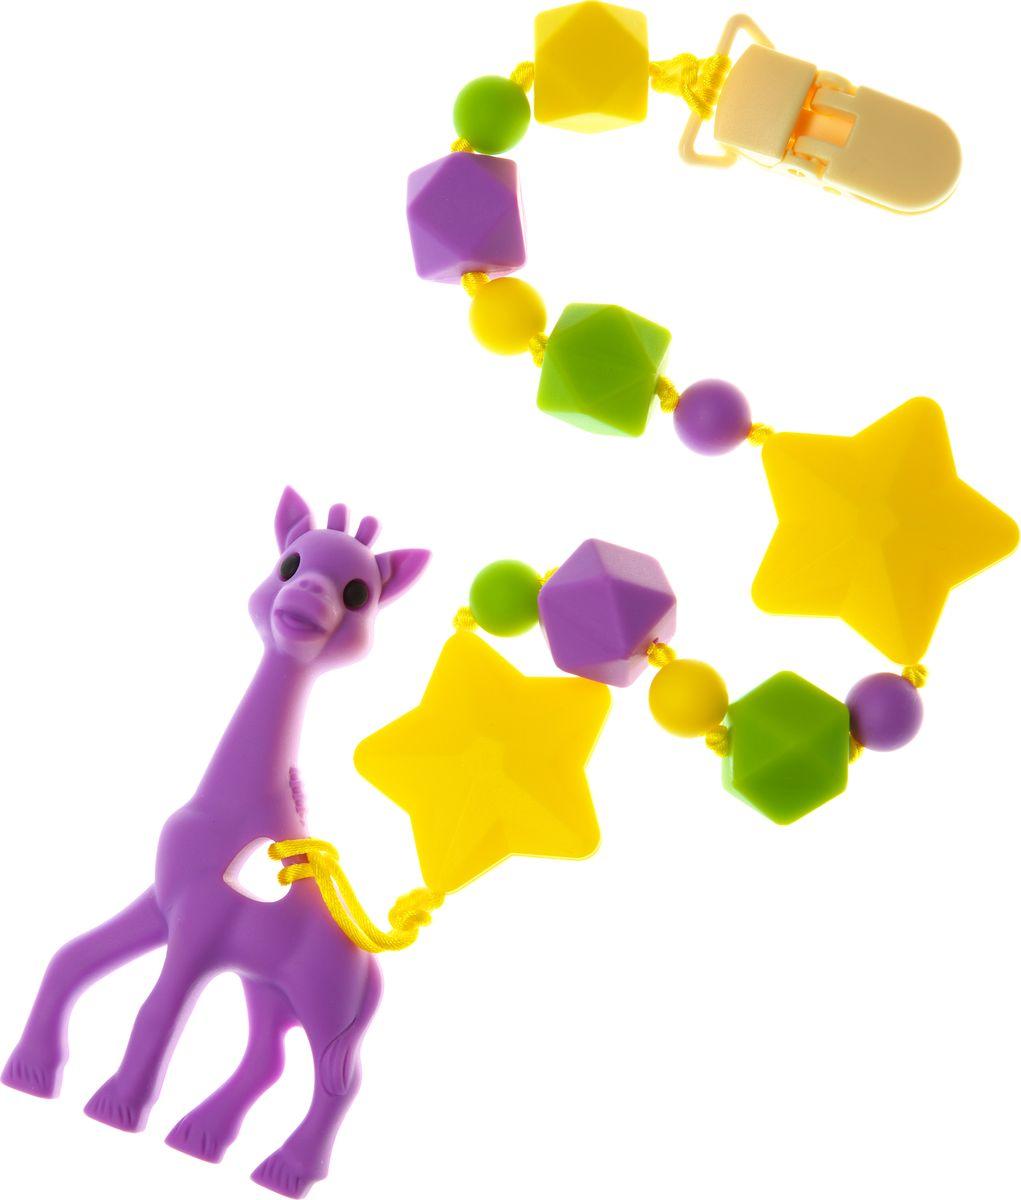 МАМидея Держатель с прорезывателем Звездное сафари -  Все для детского кормления